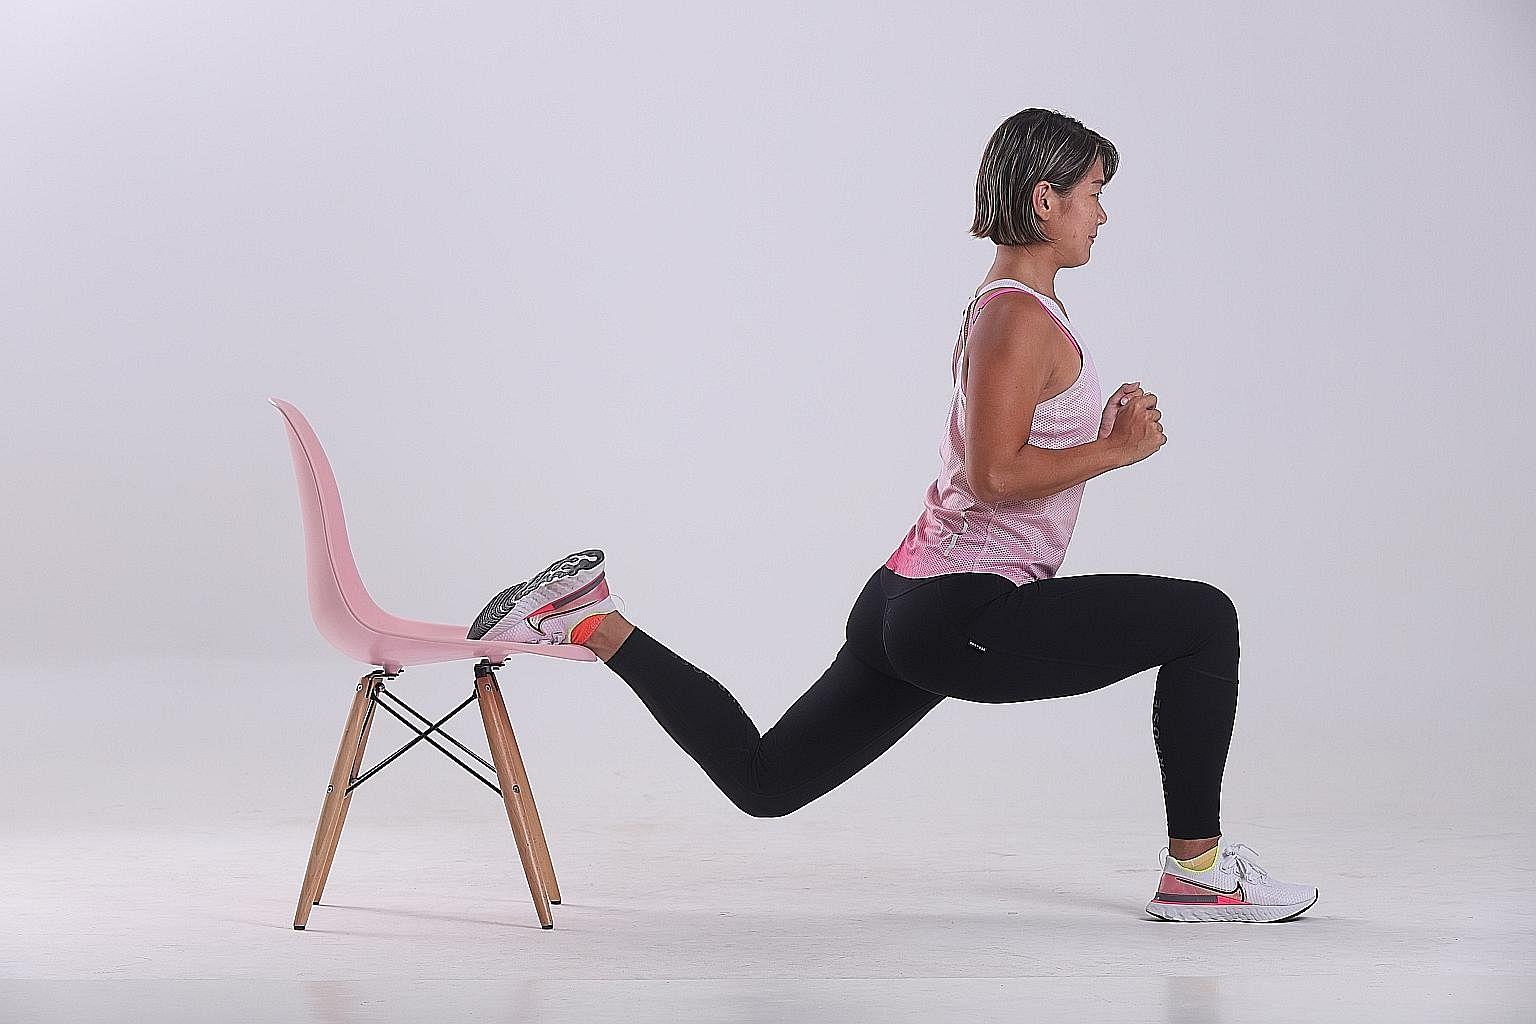 Bulgarian split squats.